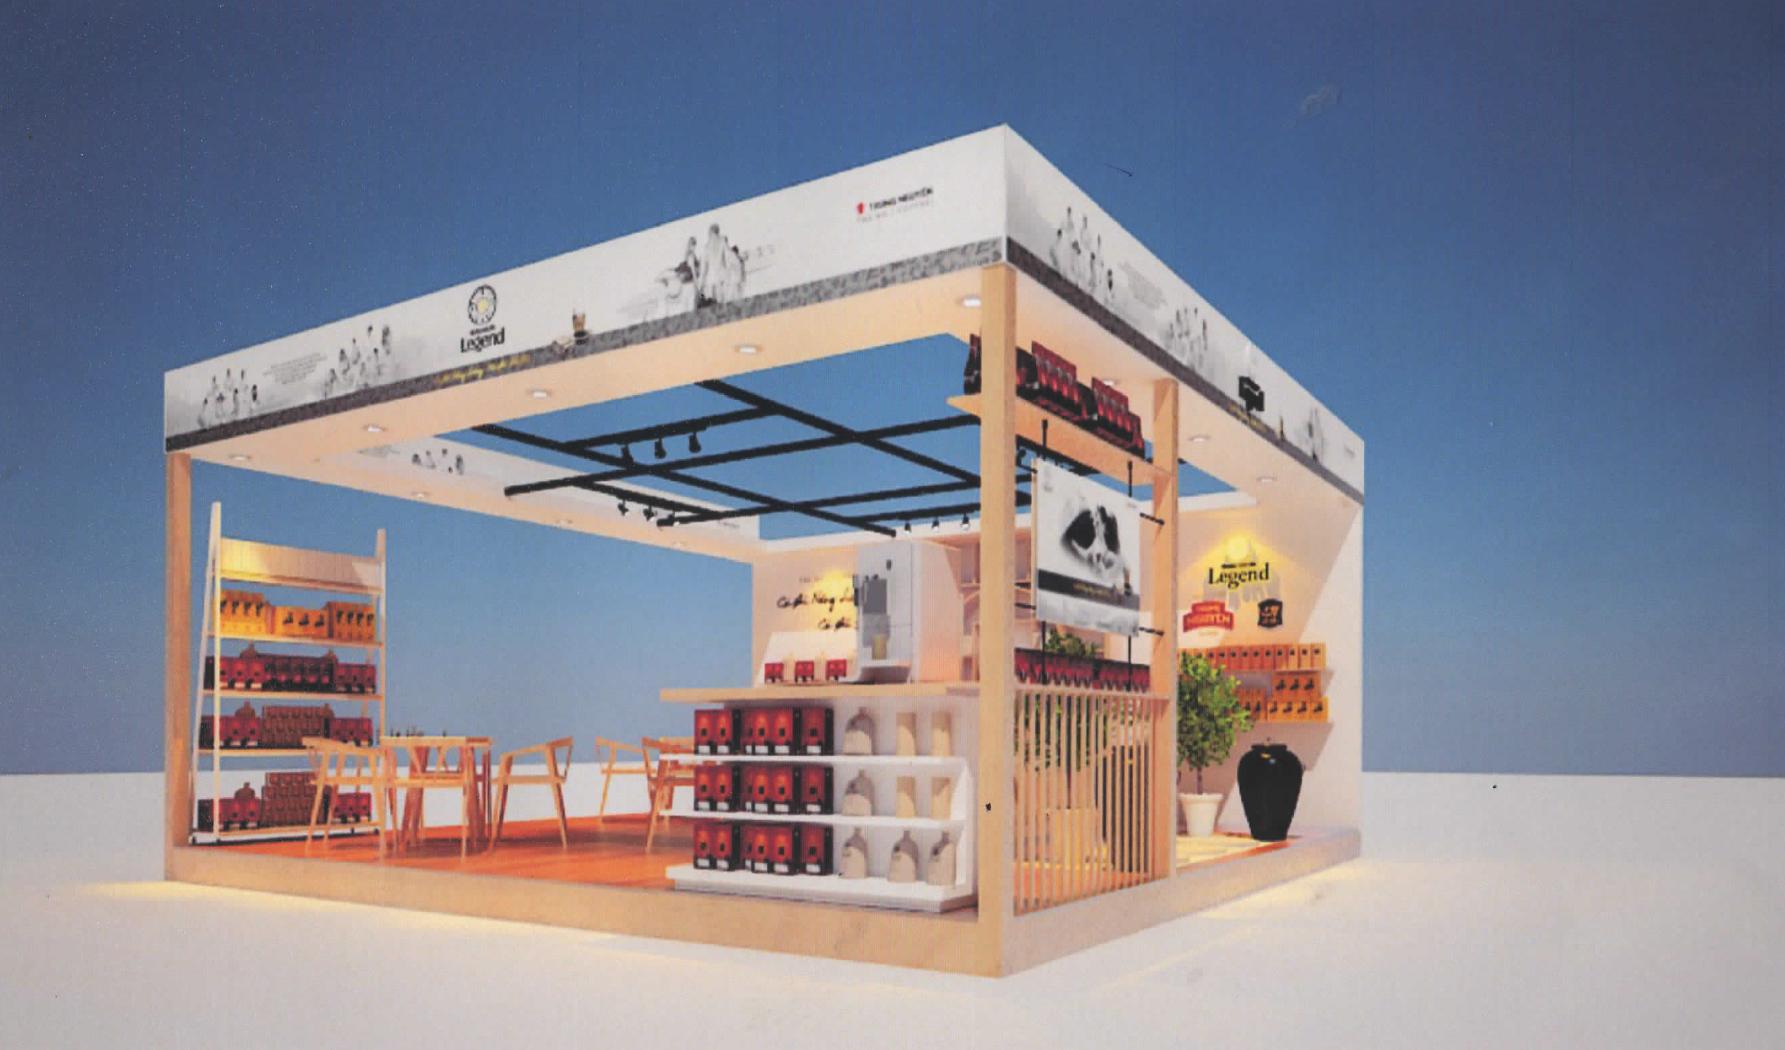 Công ty thi công gian hàng hội chợ triển lãm tphcm